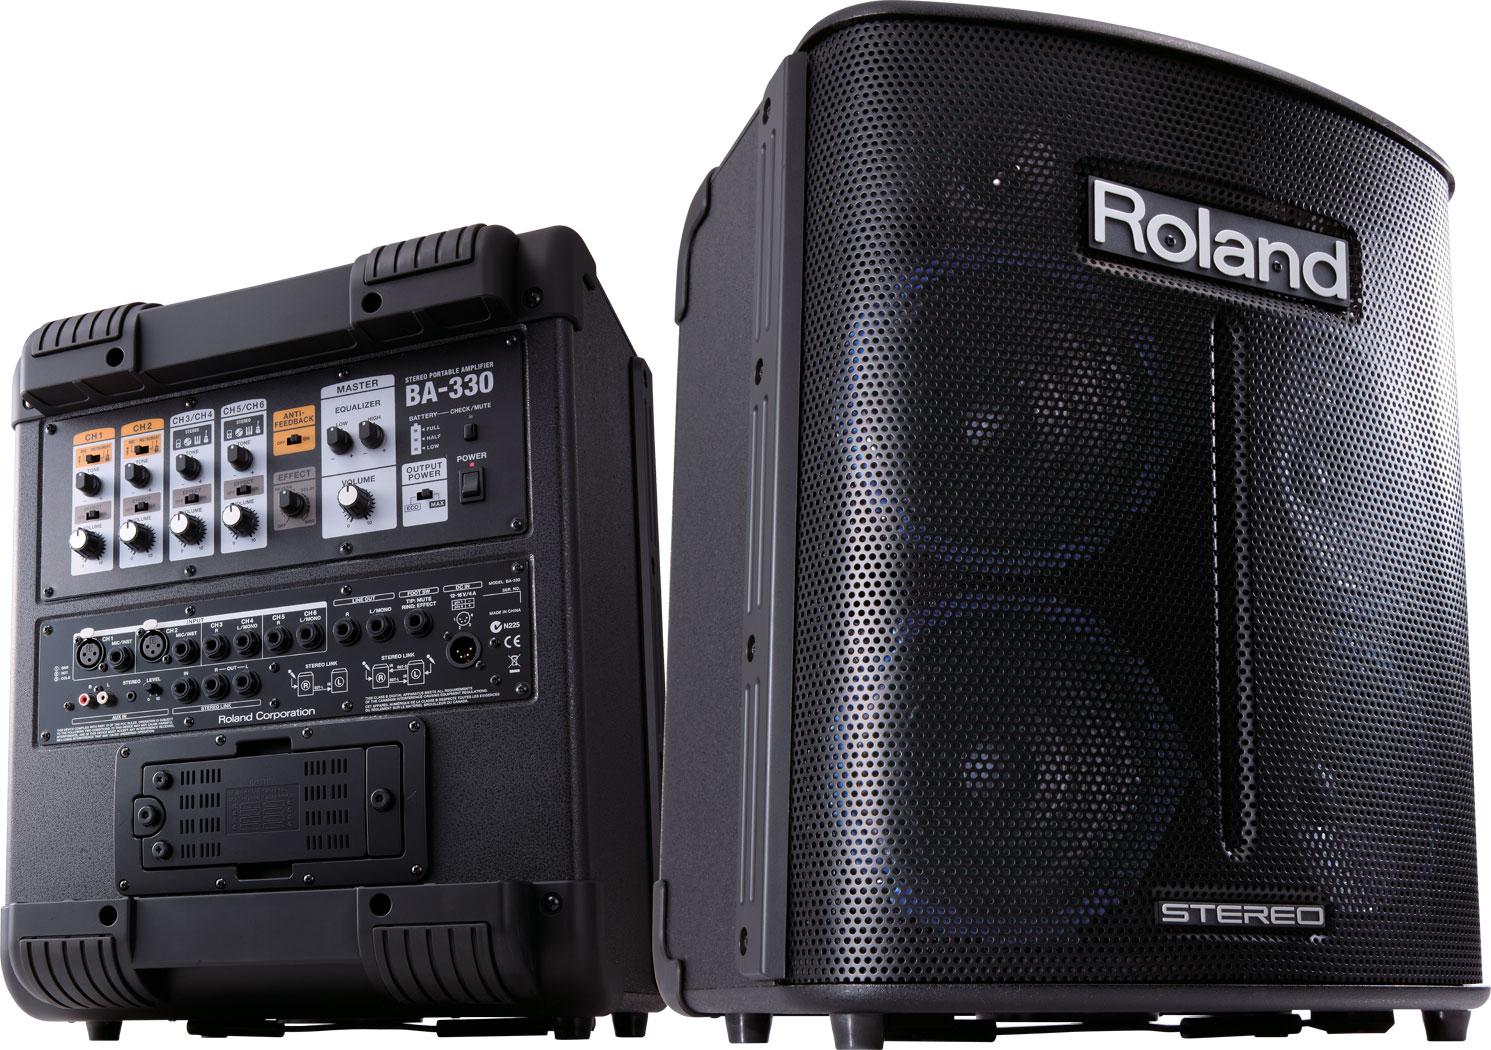 roland ba 330 stereo portable amplifier rh roland com  Used Roland BA-330